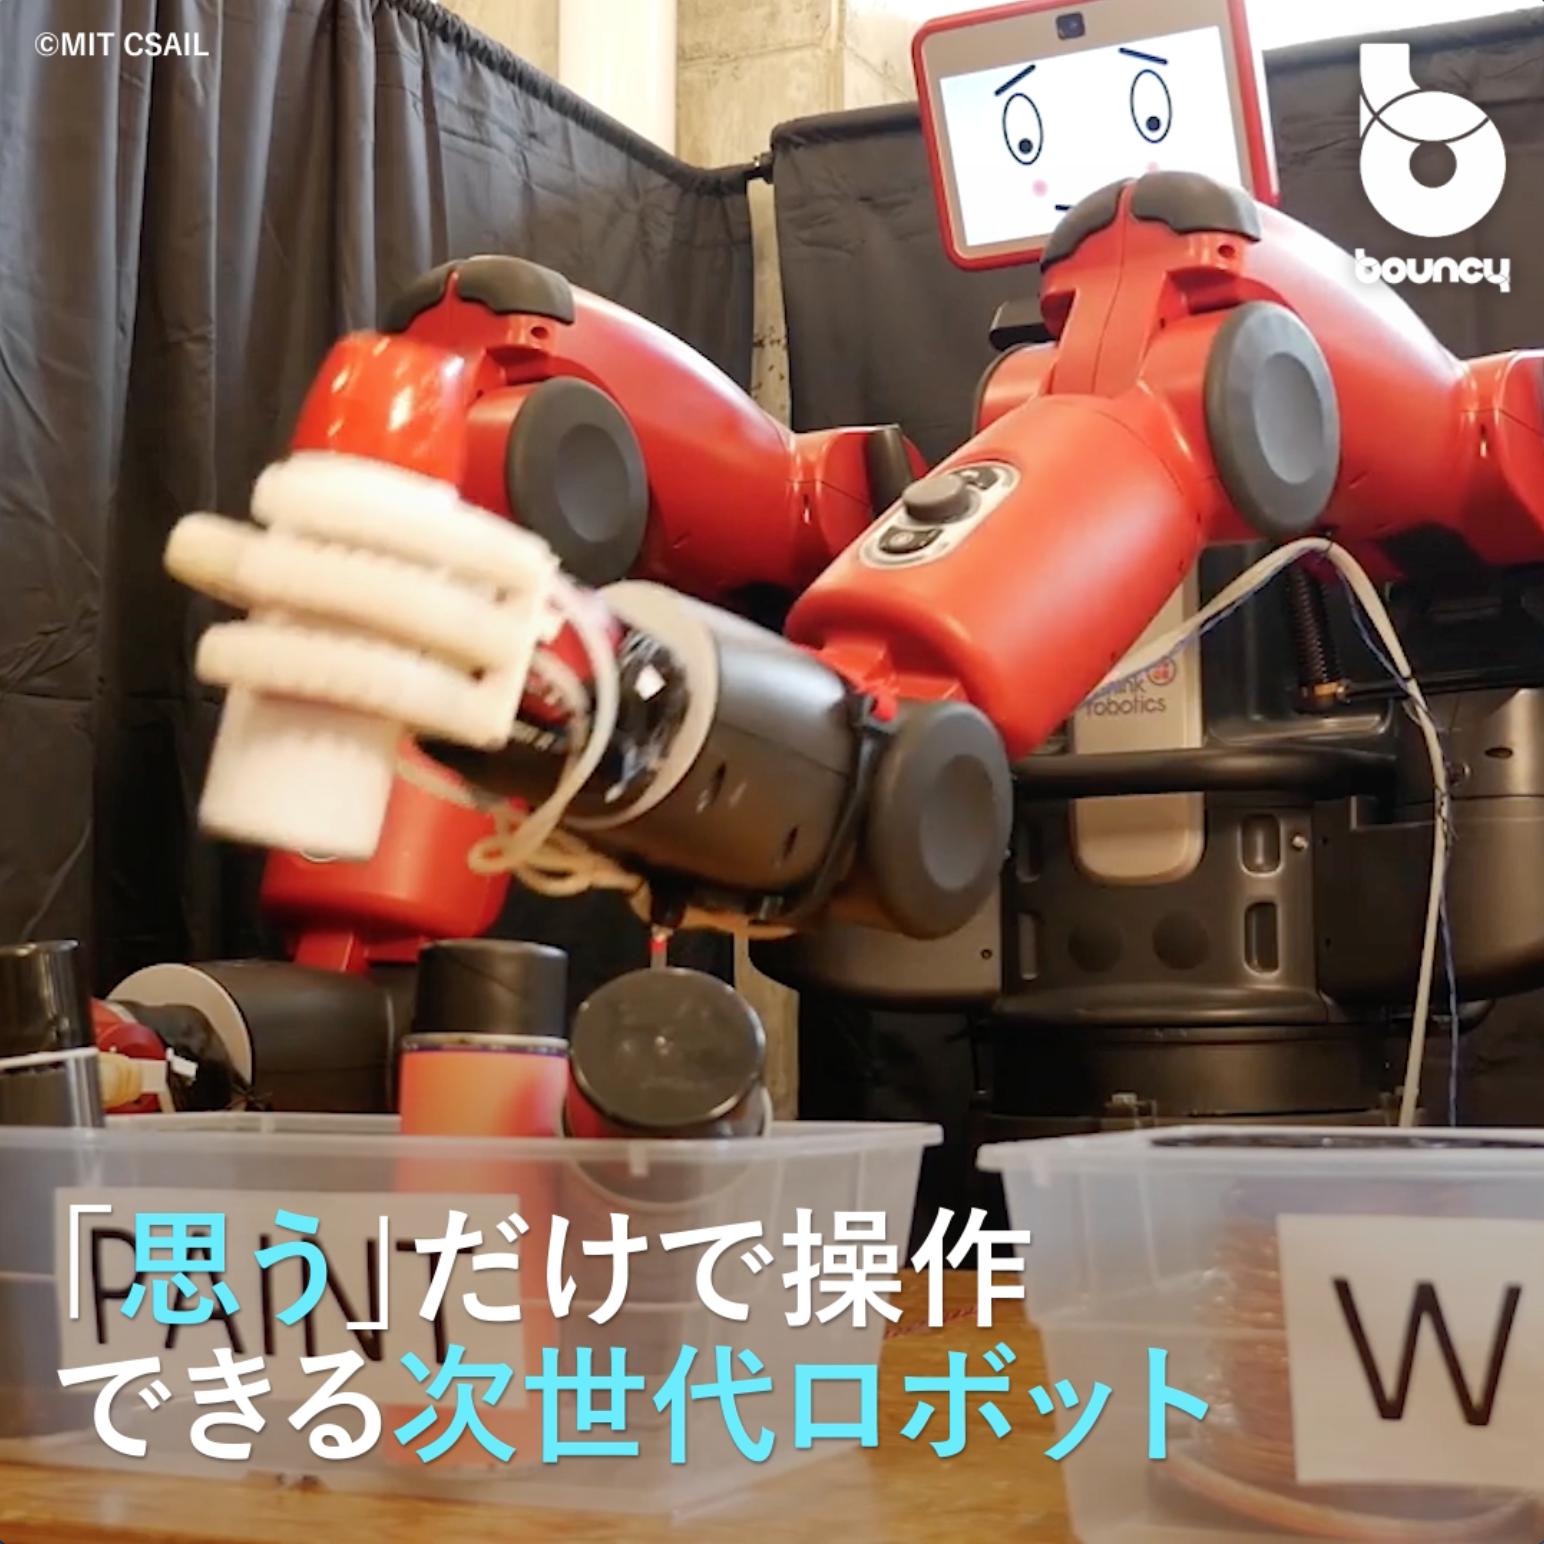 873dd17bf521 「思う」だけで操作できる次世代ロボット